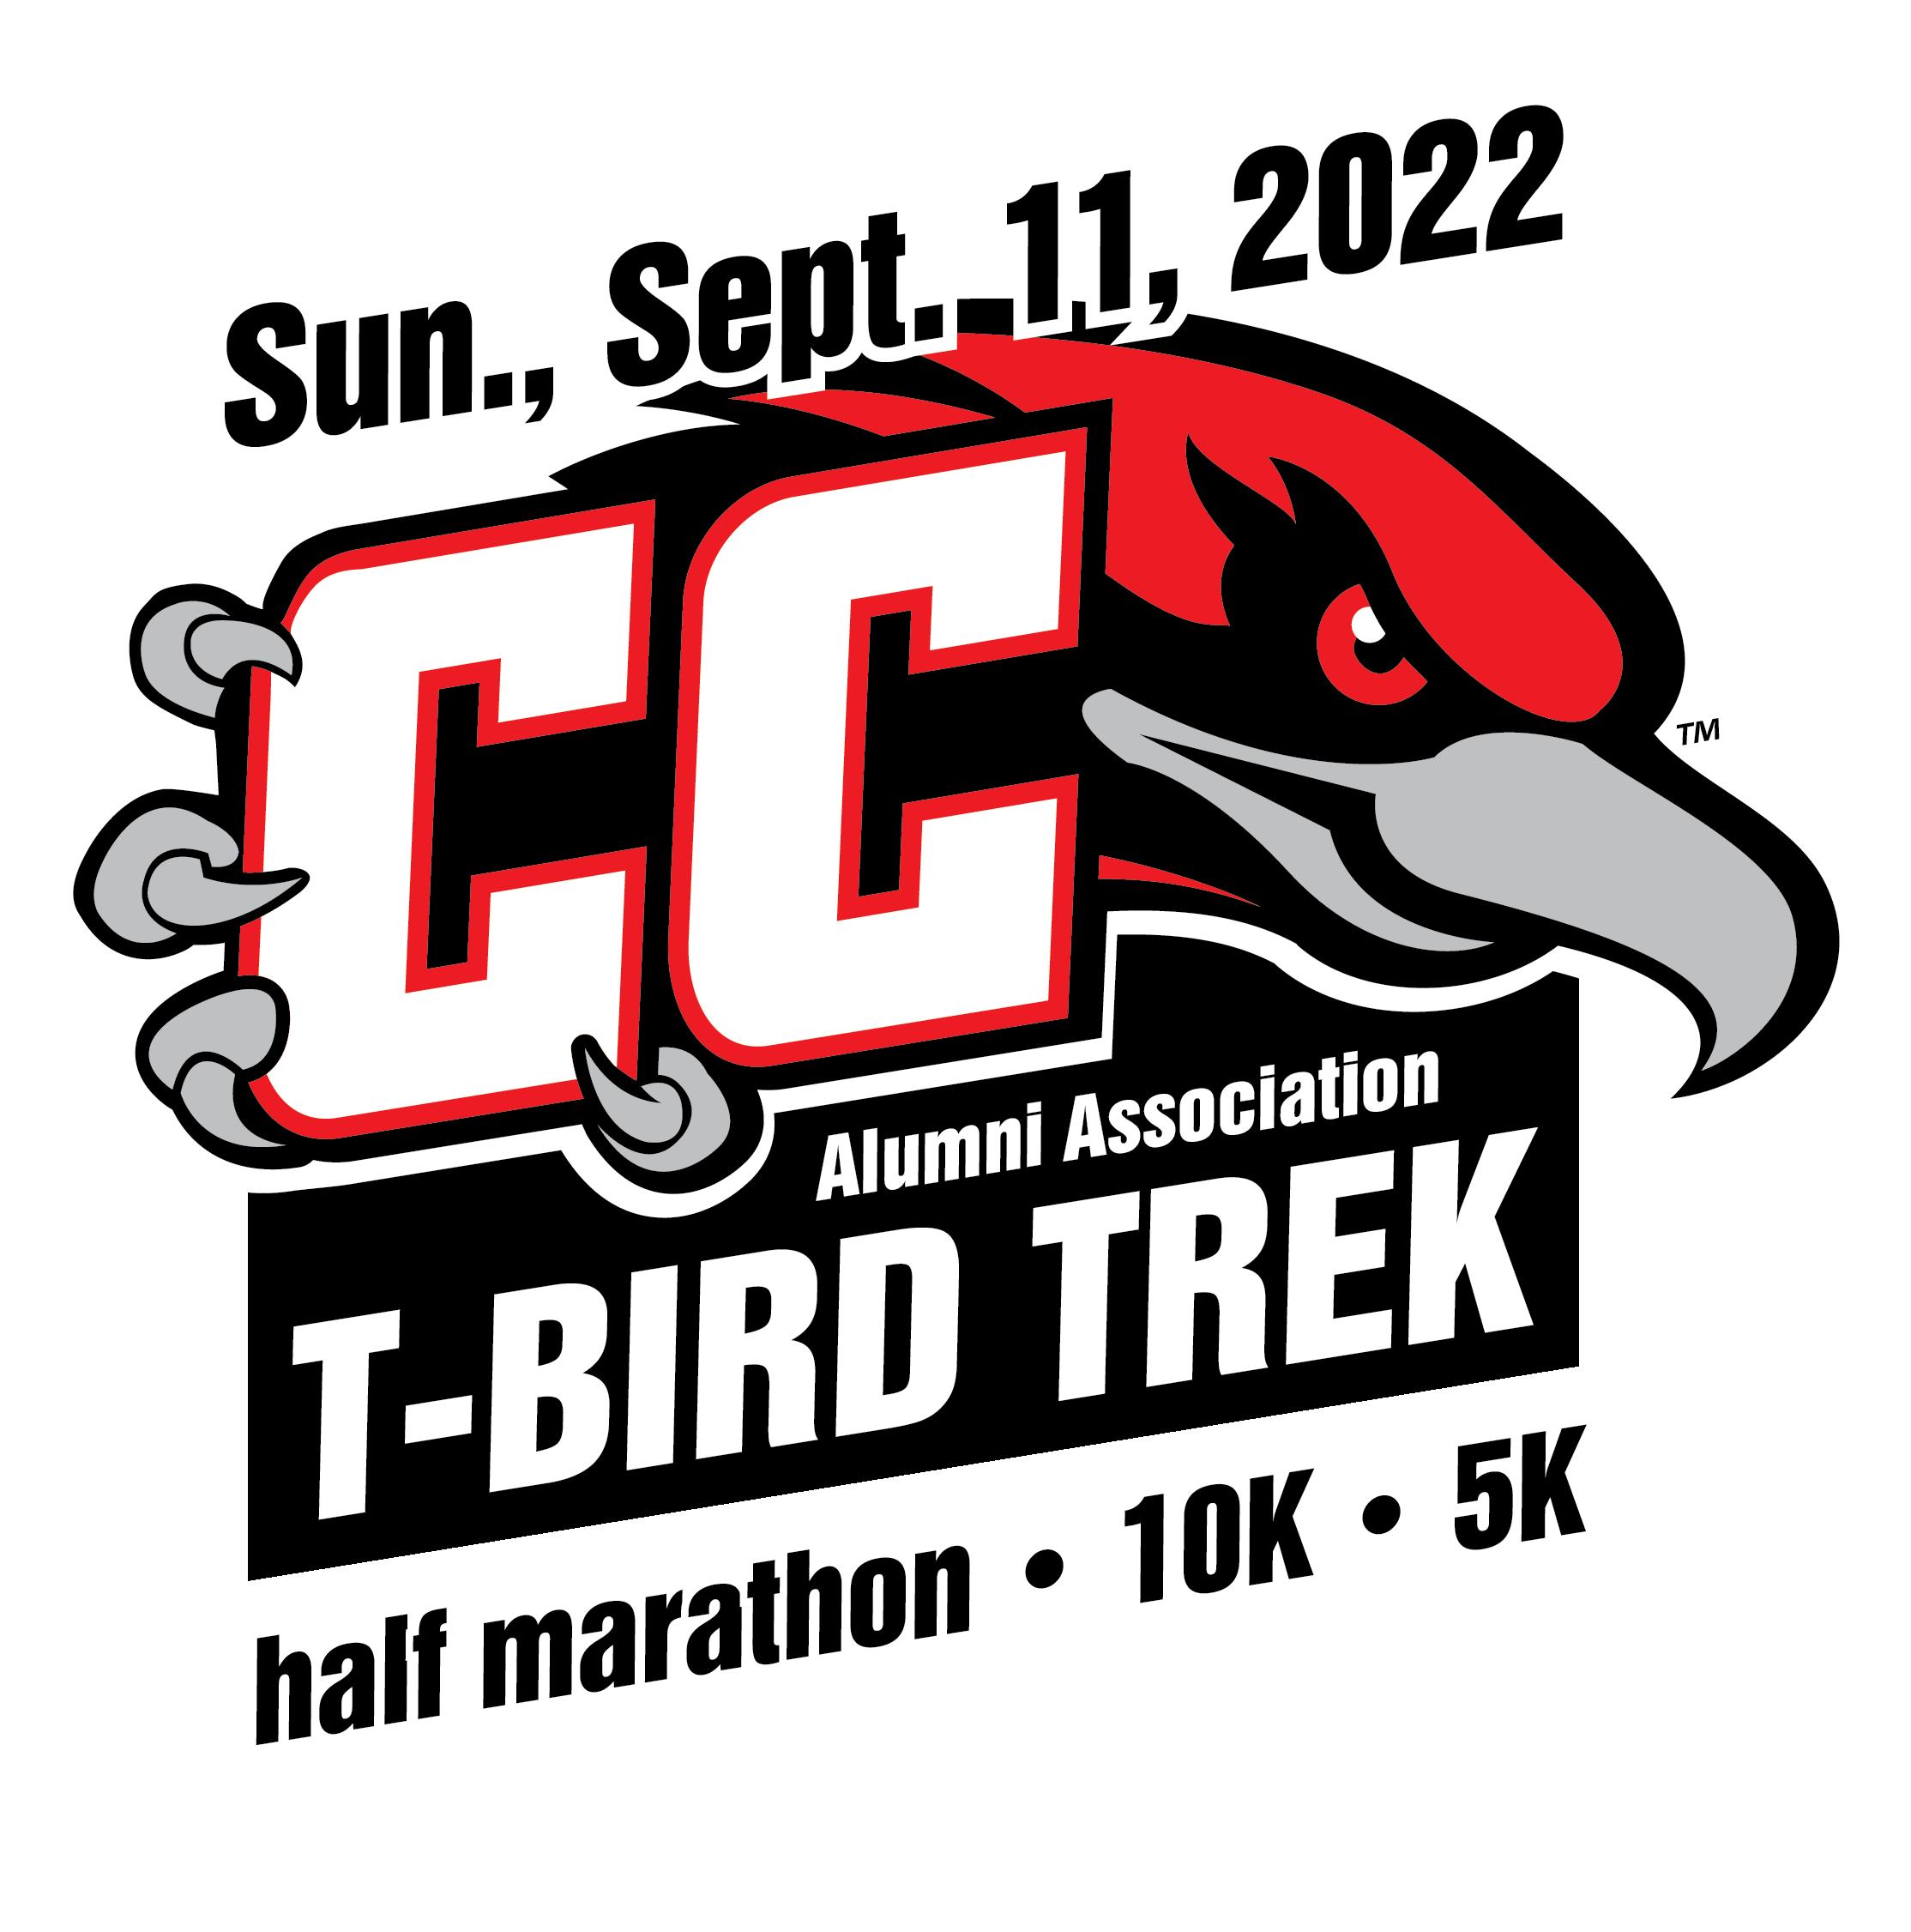 T-Bird Trek Logo 2022